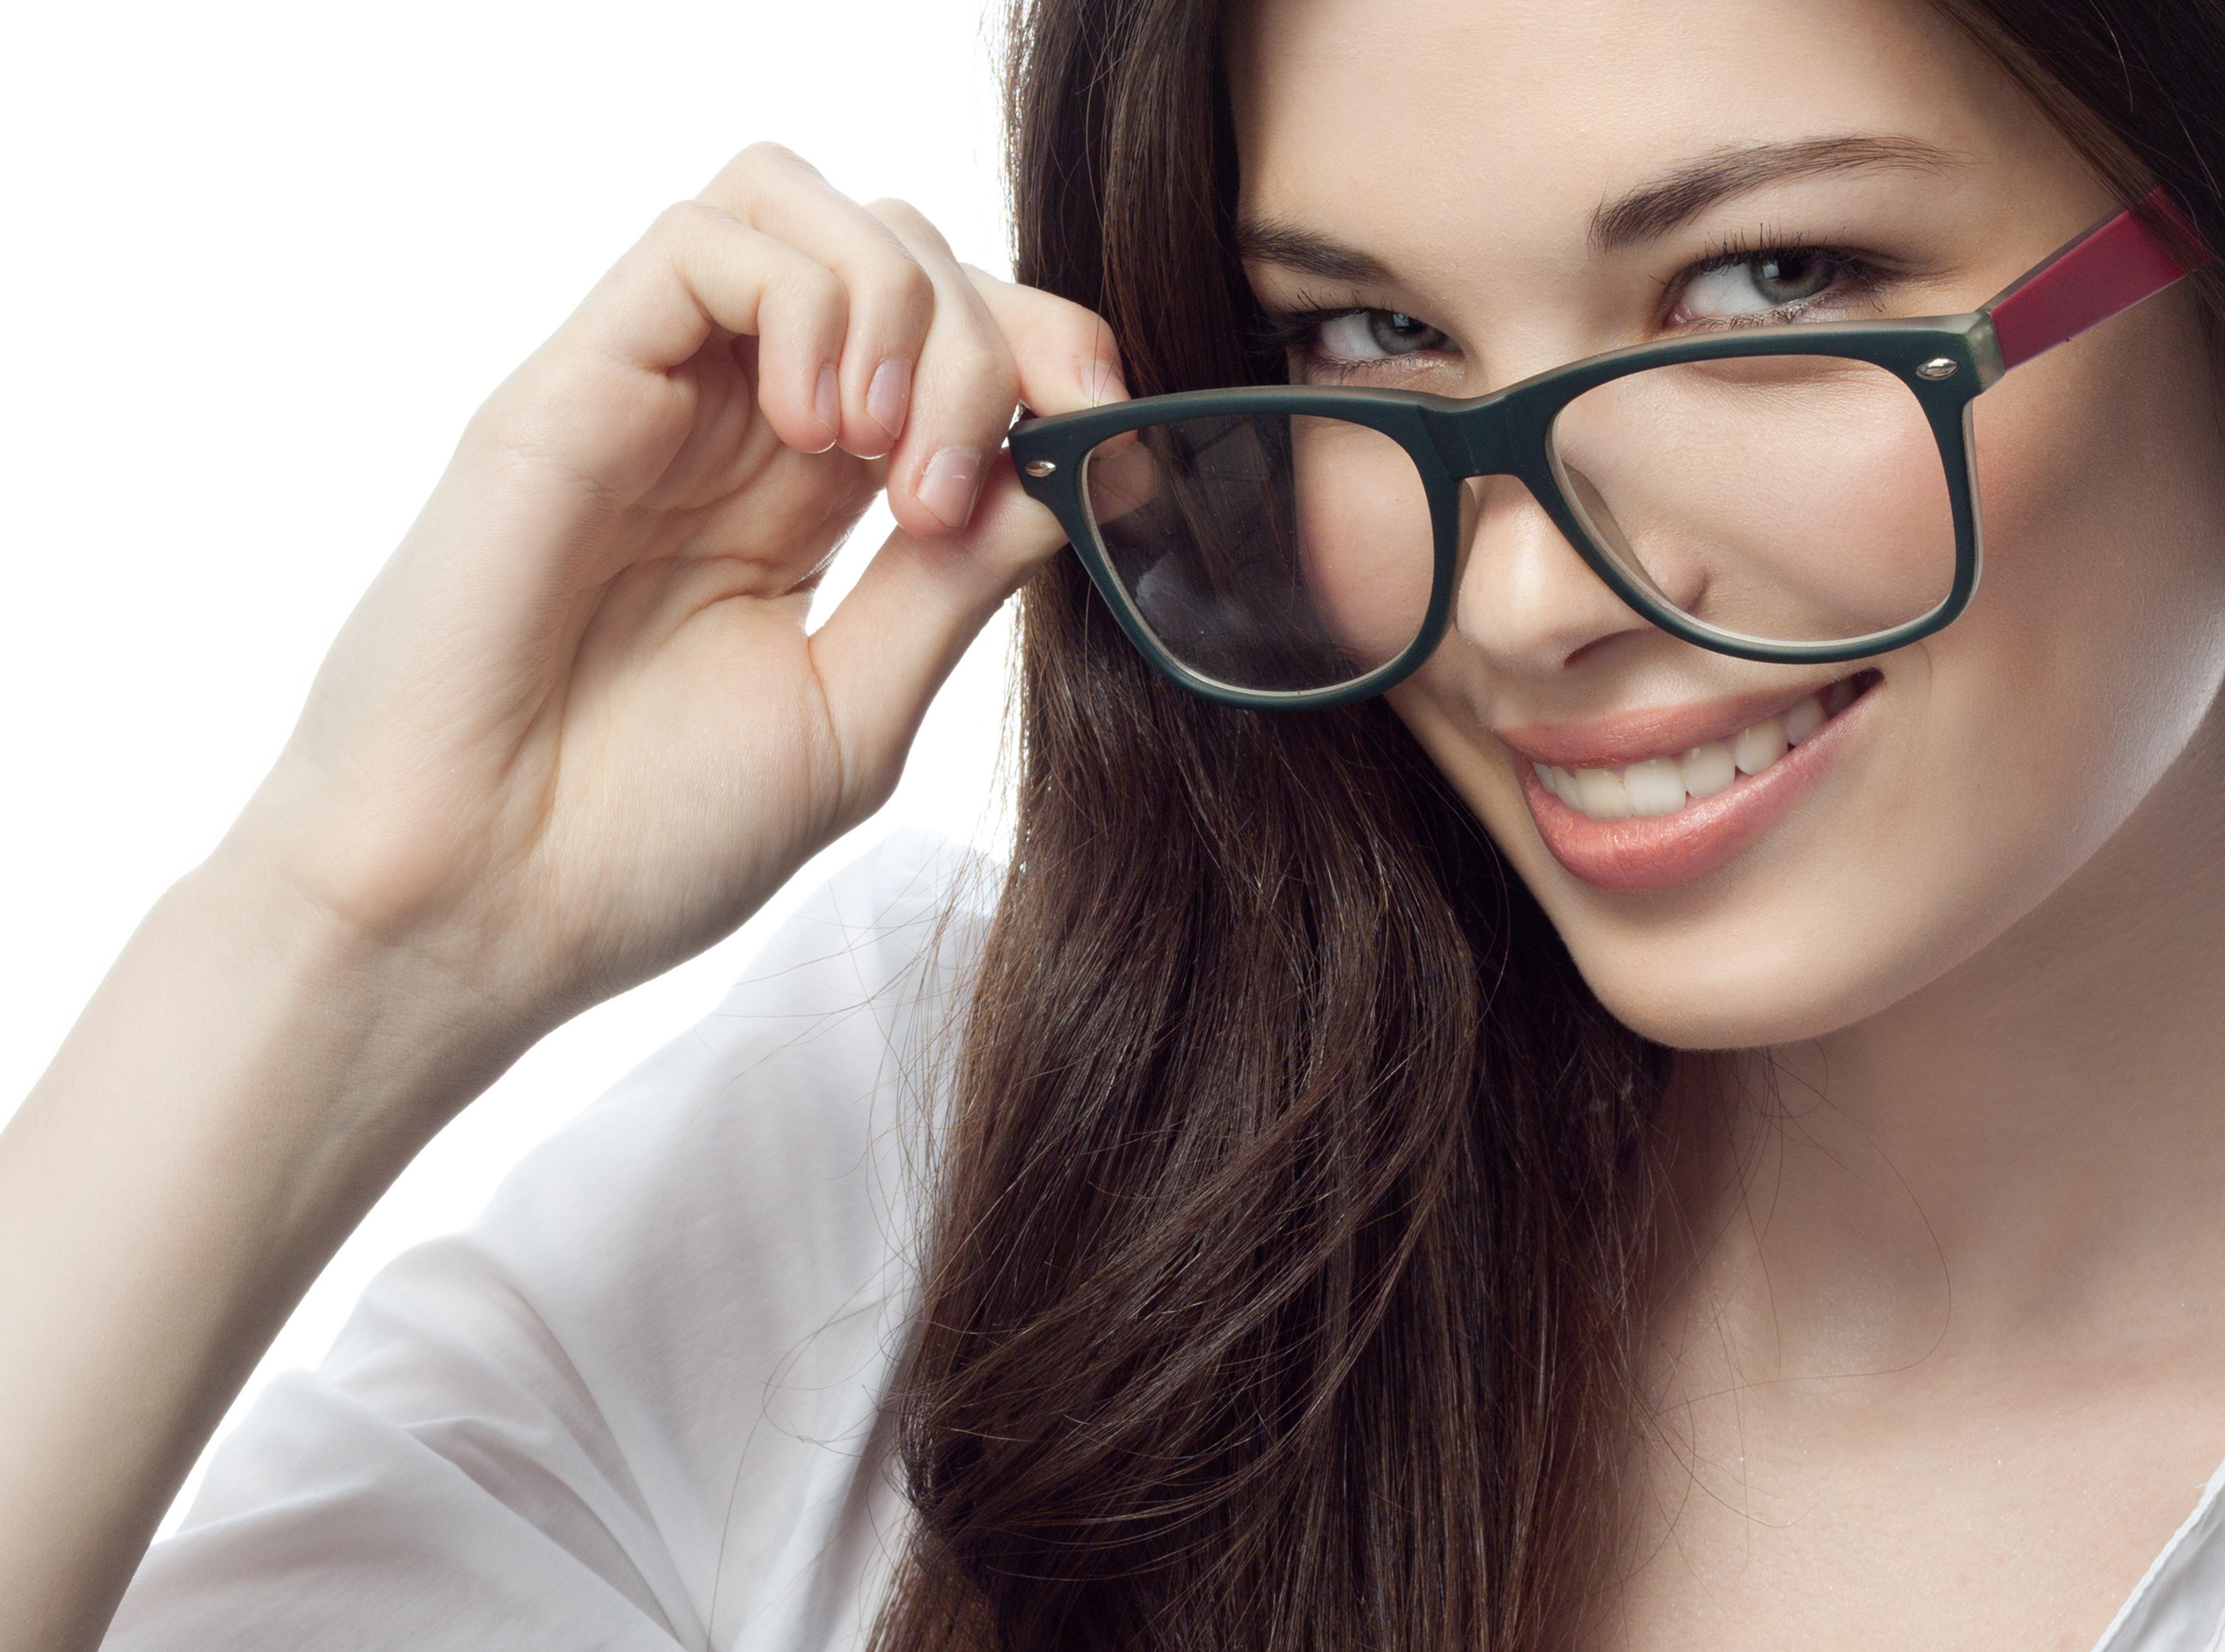 фото в очках и без надо